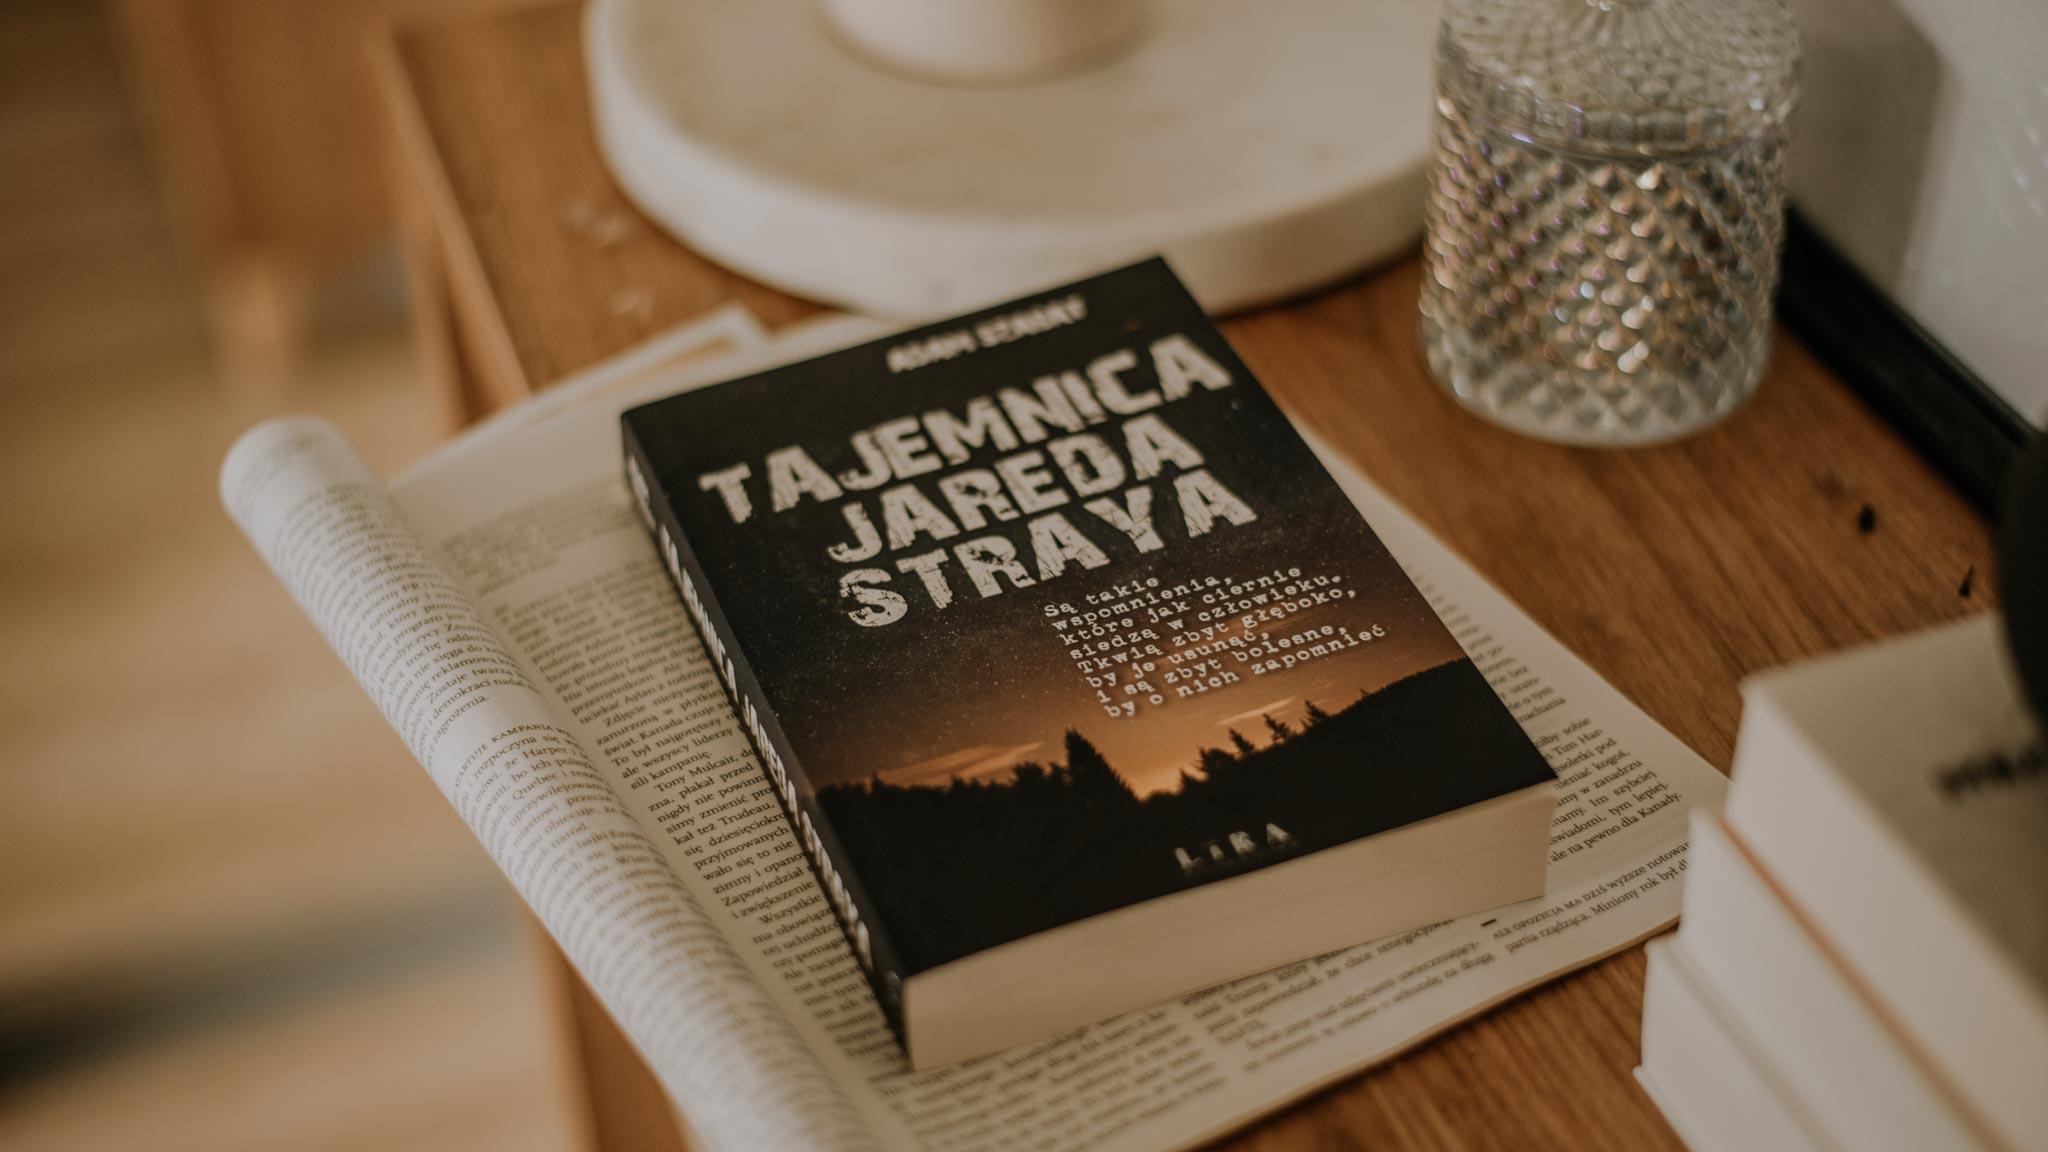 Tajemnica Jareda Straya – Adam Szabat